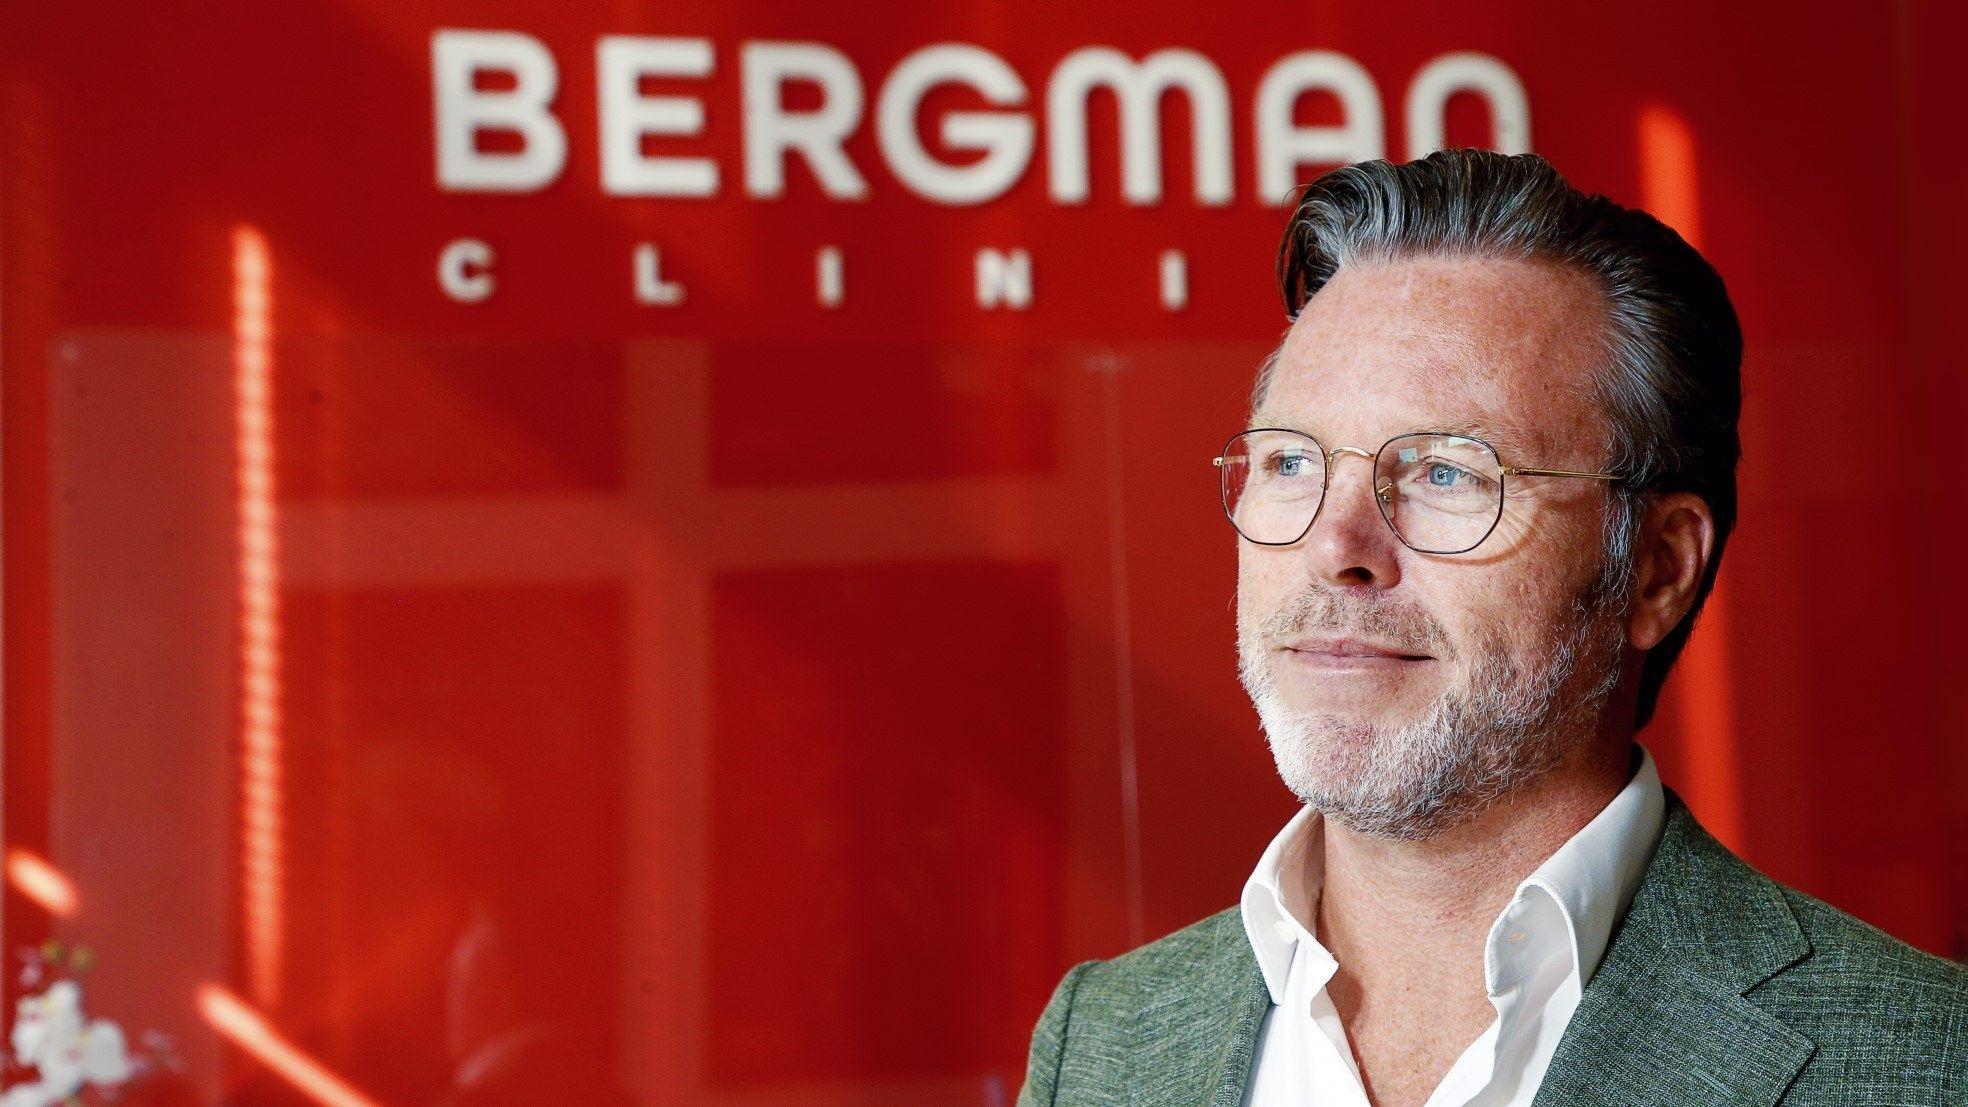 Johnny De Jong Bergman rode muur